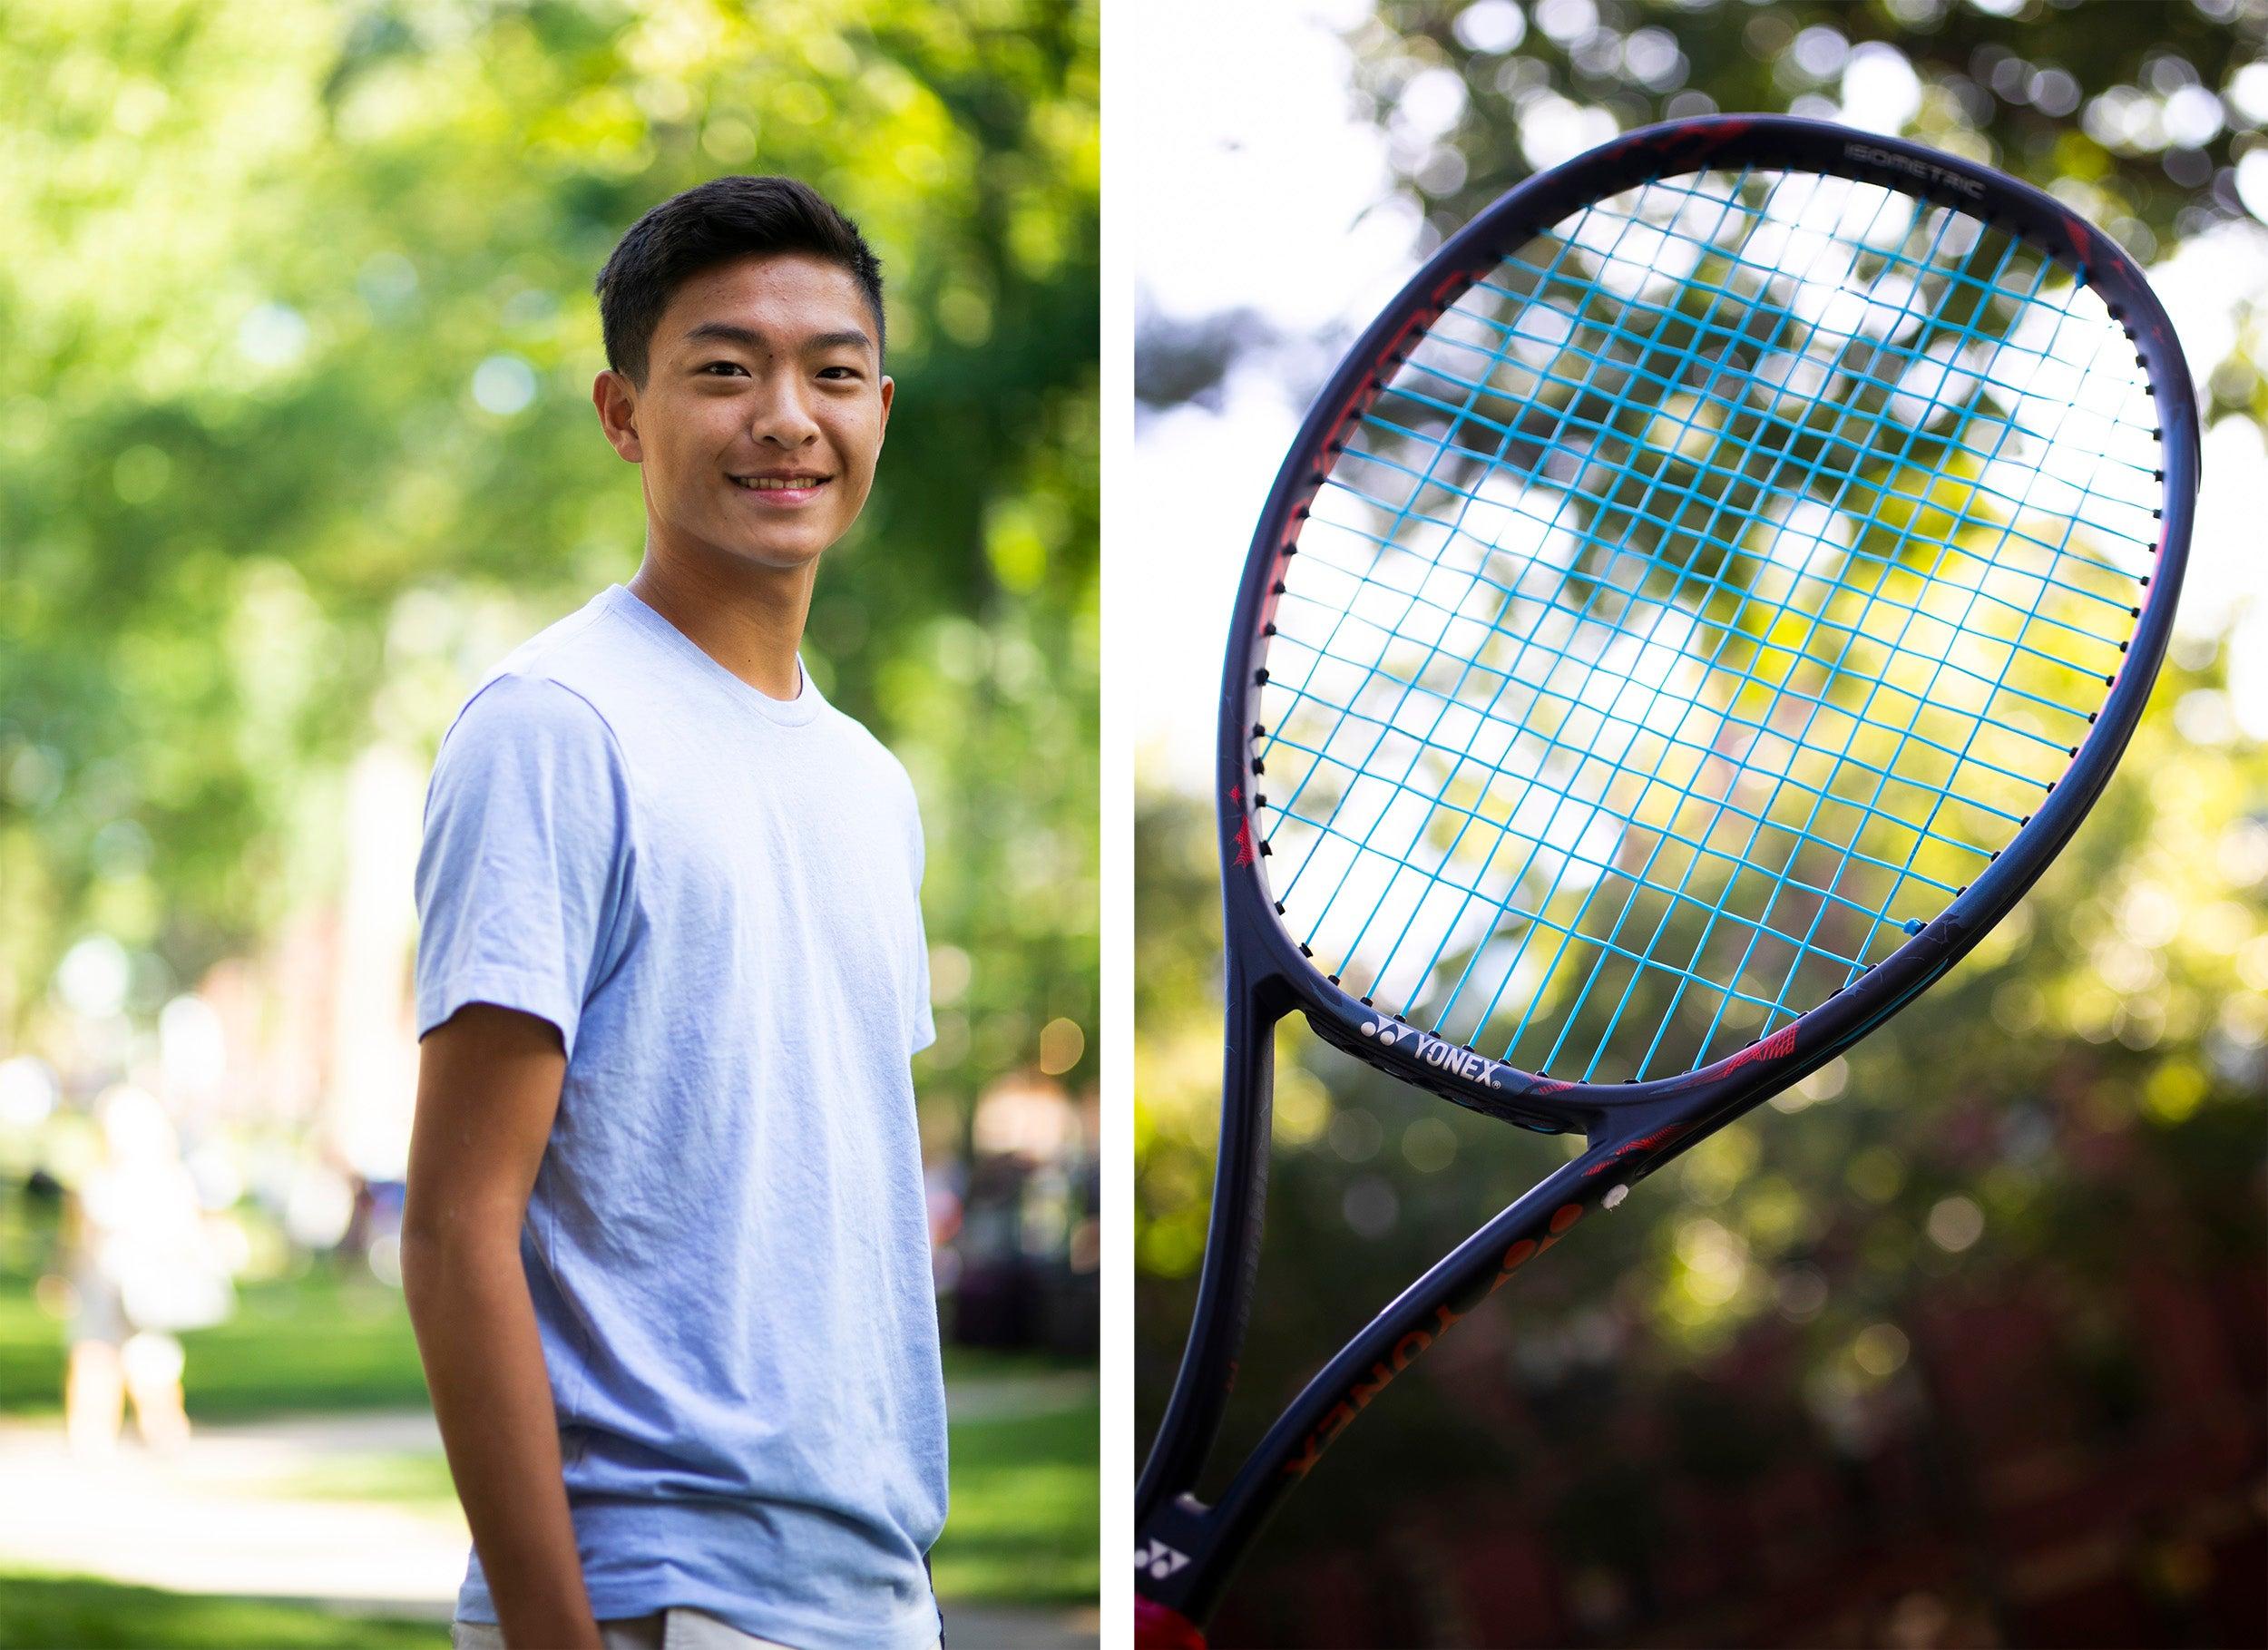 Alan Yim and a tennis racket